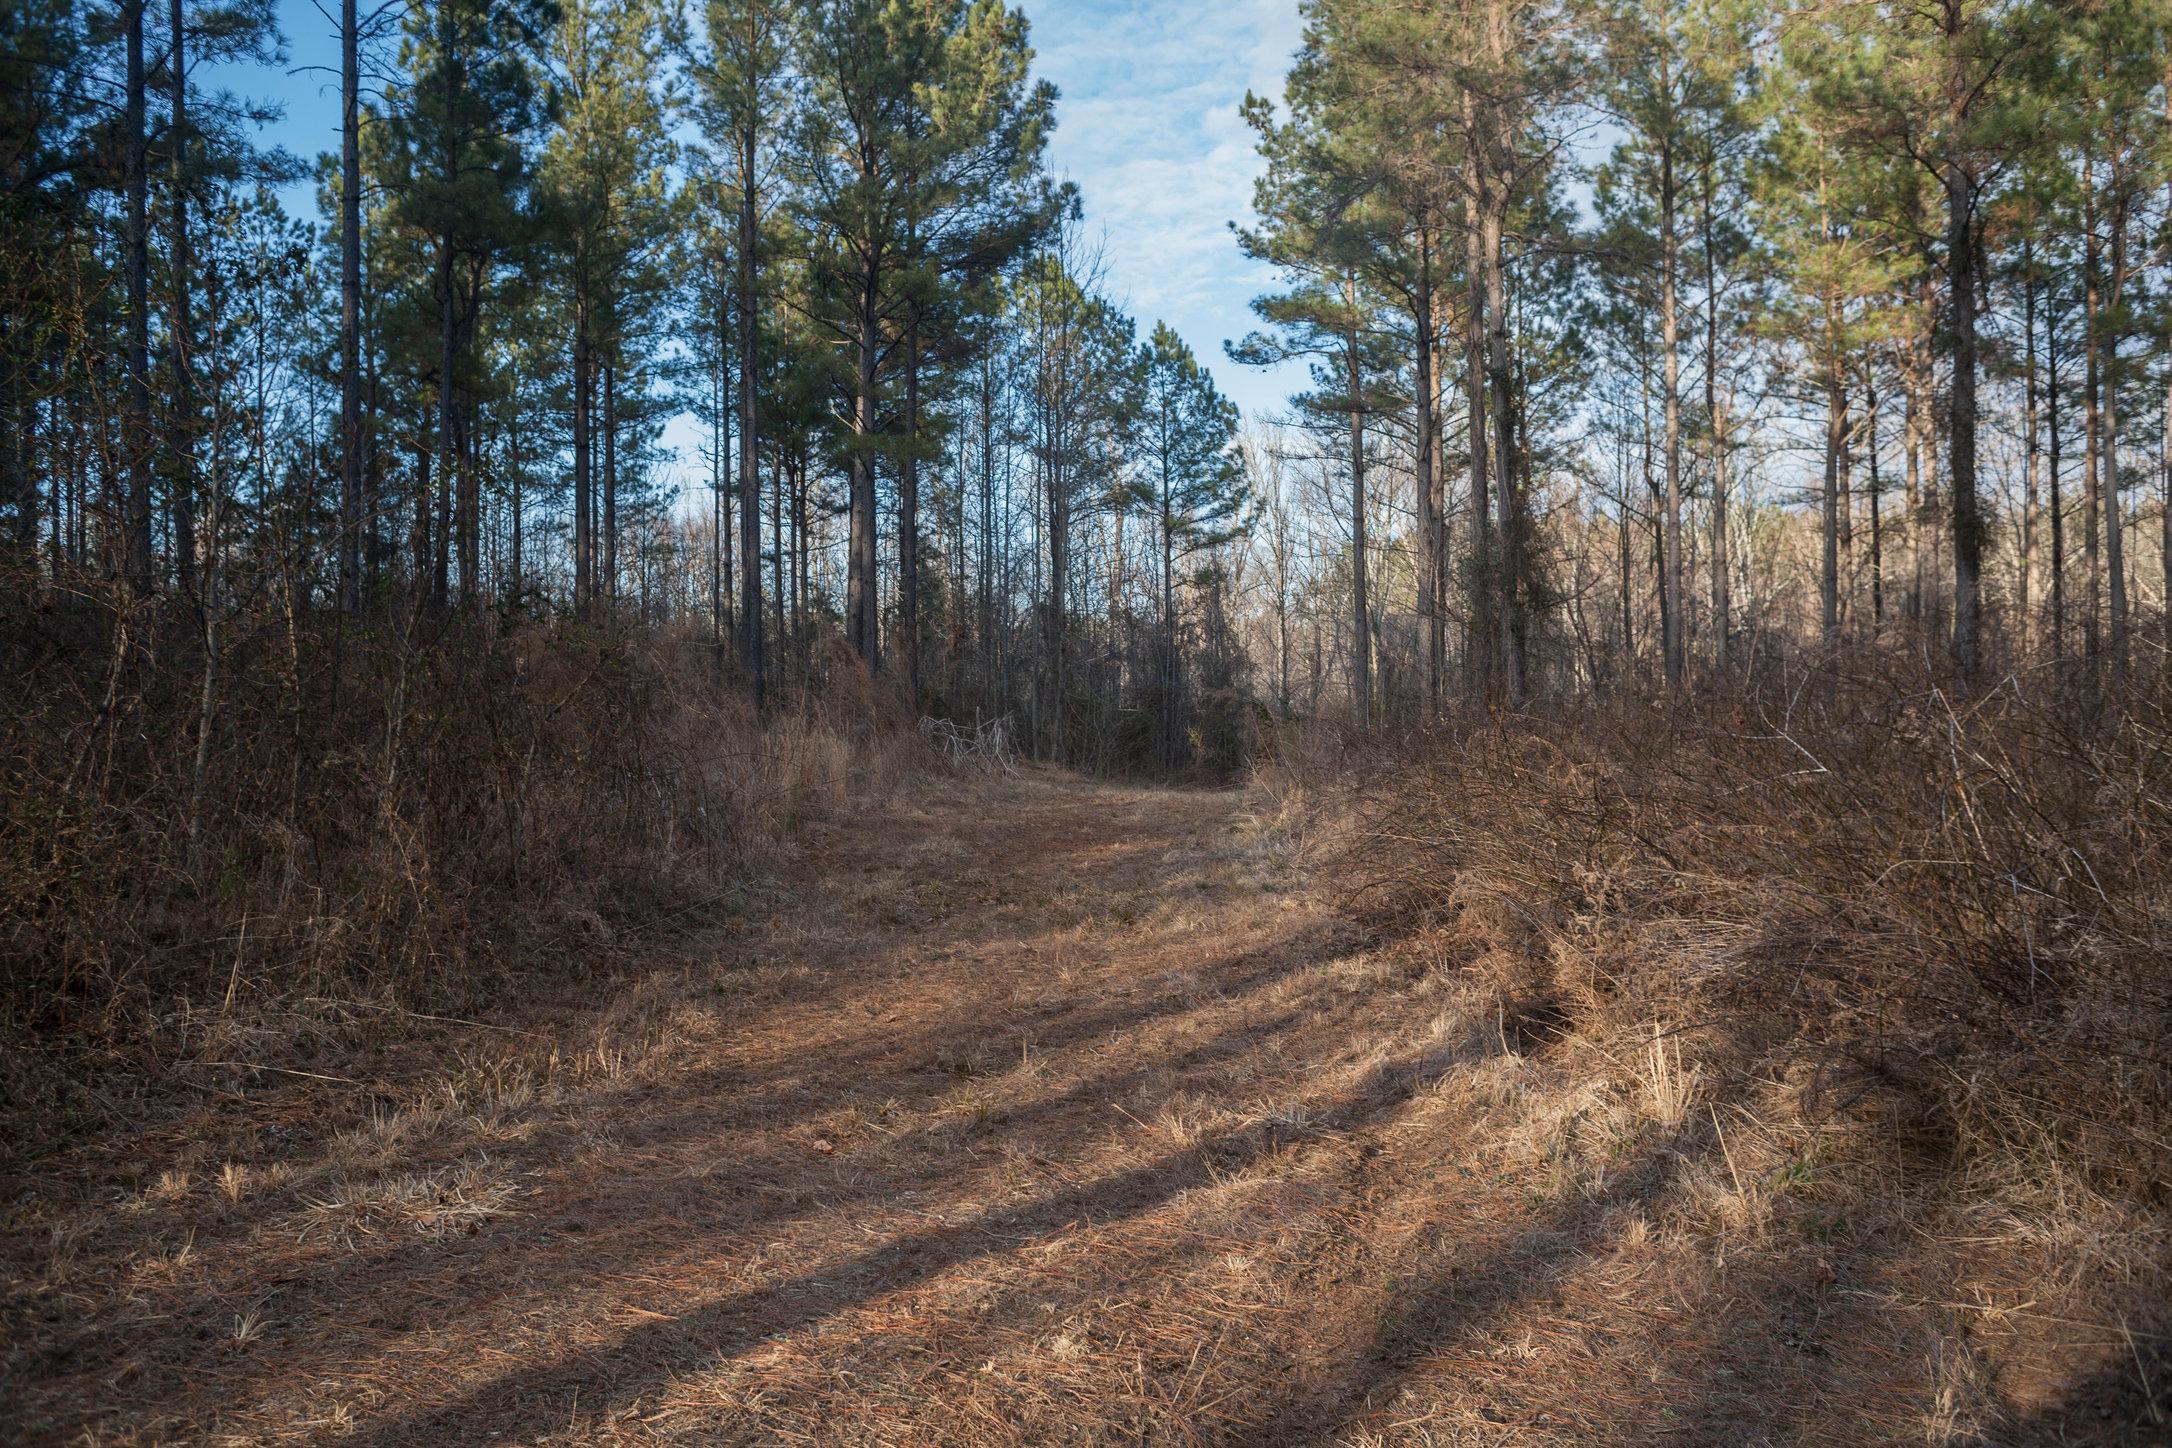 Warrenton, Warren County, North Carolina